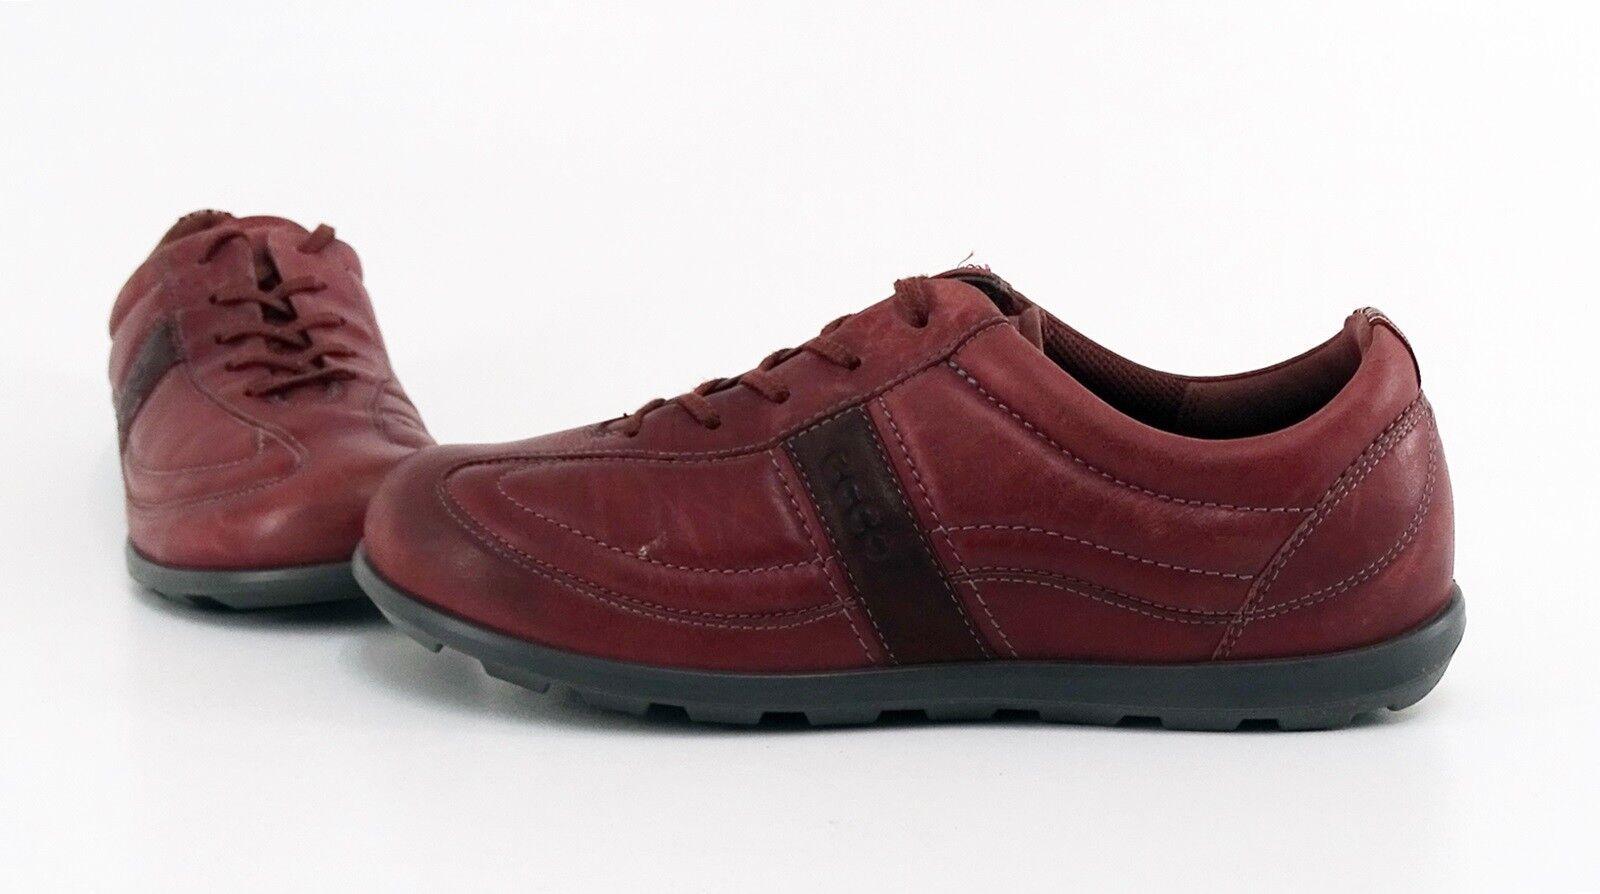 Halbschuhe Halbschuhe Halbschuhe ECCO Sneaker Schnürer Echtleder rot Gr. 39 d378f6